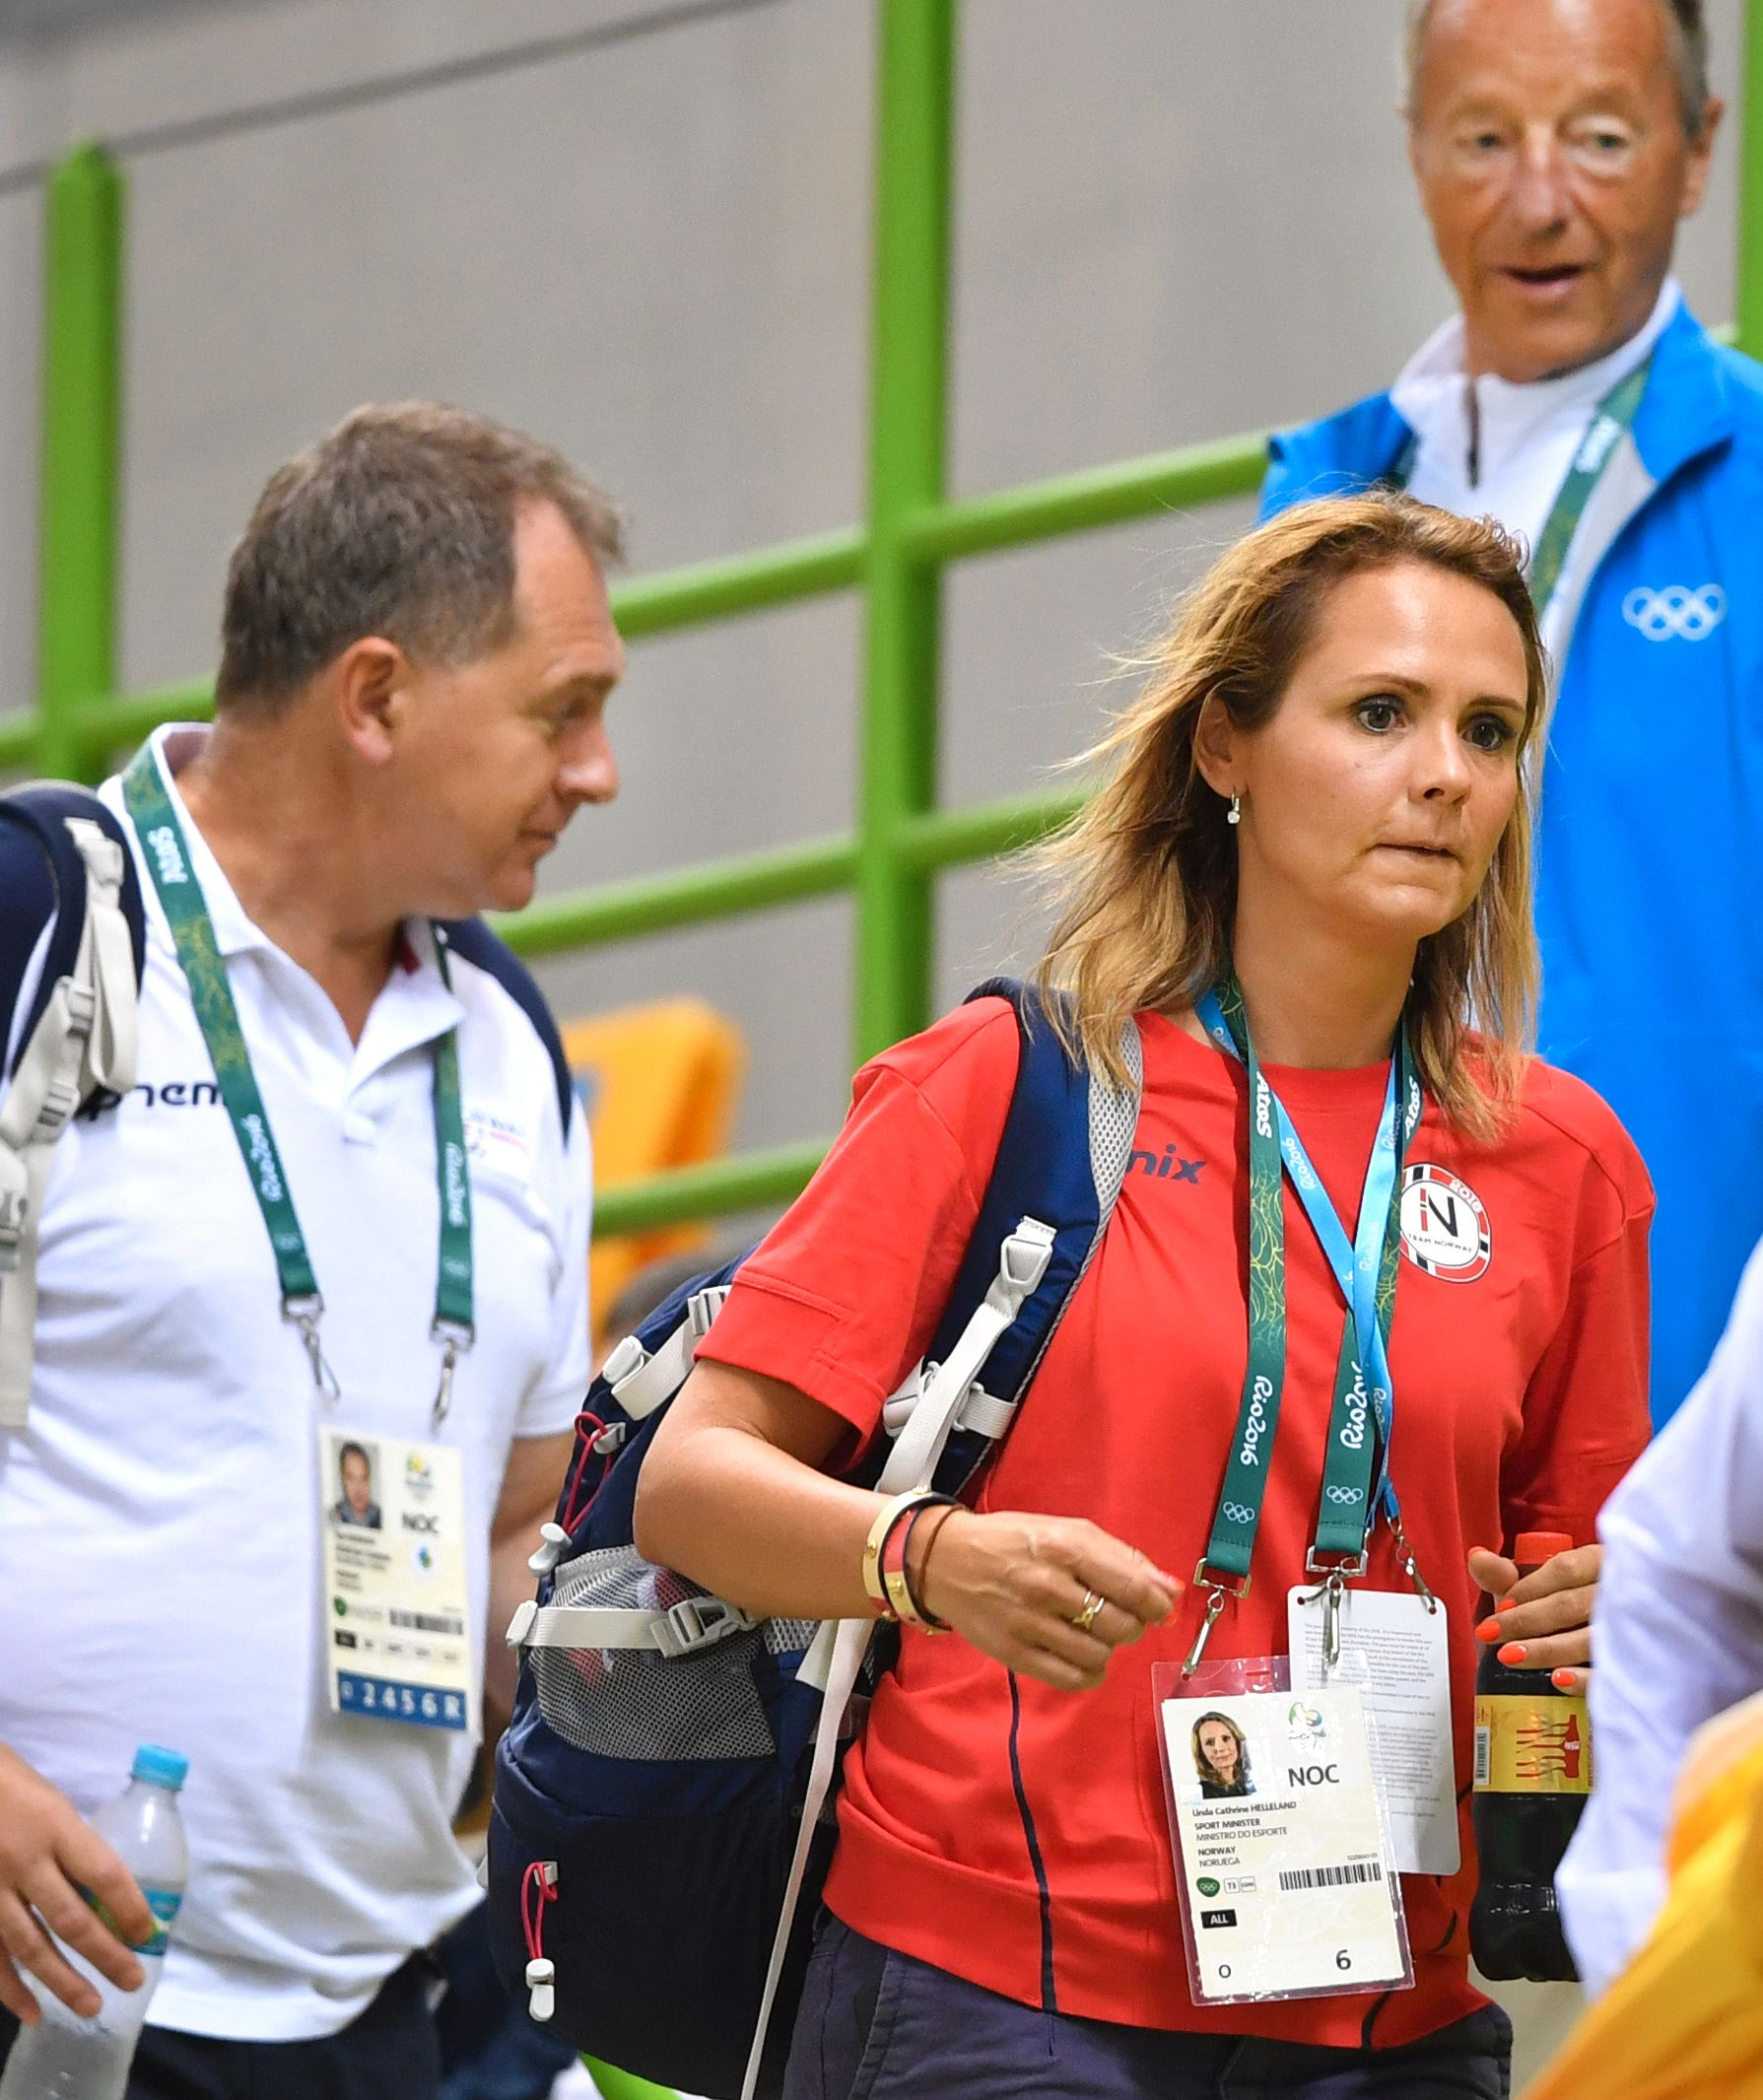 KULTURMINISTER: Linda Hofstad Helleland, her med NIF-topp Inge Andersen i Rio under OL.